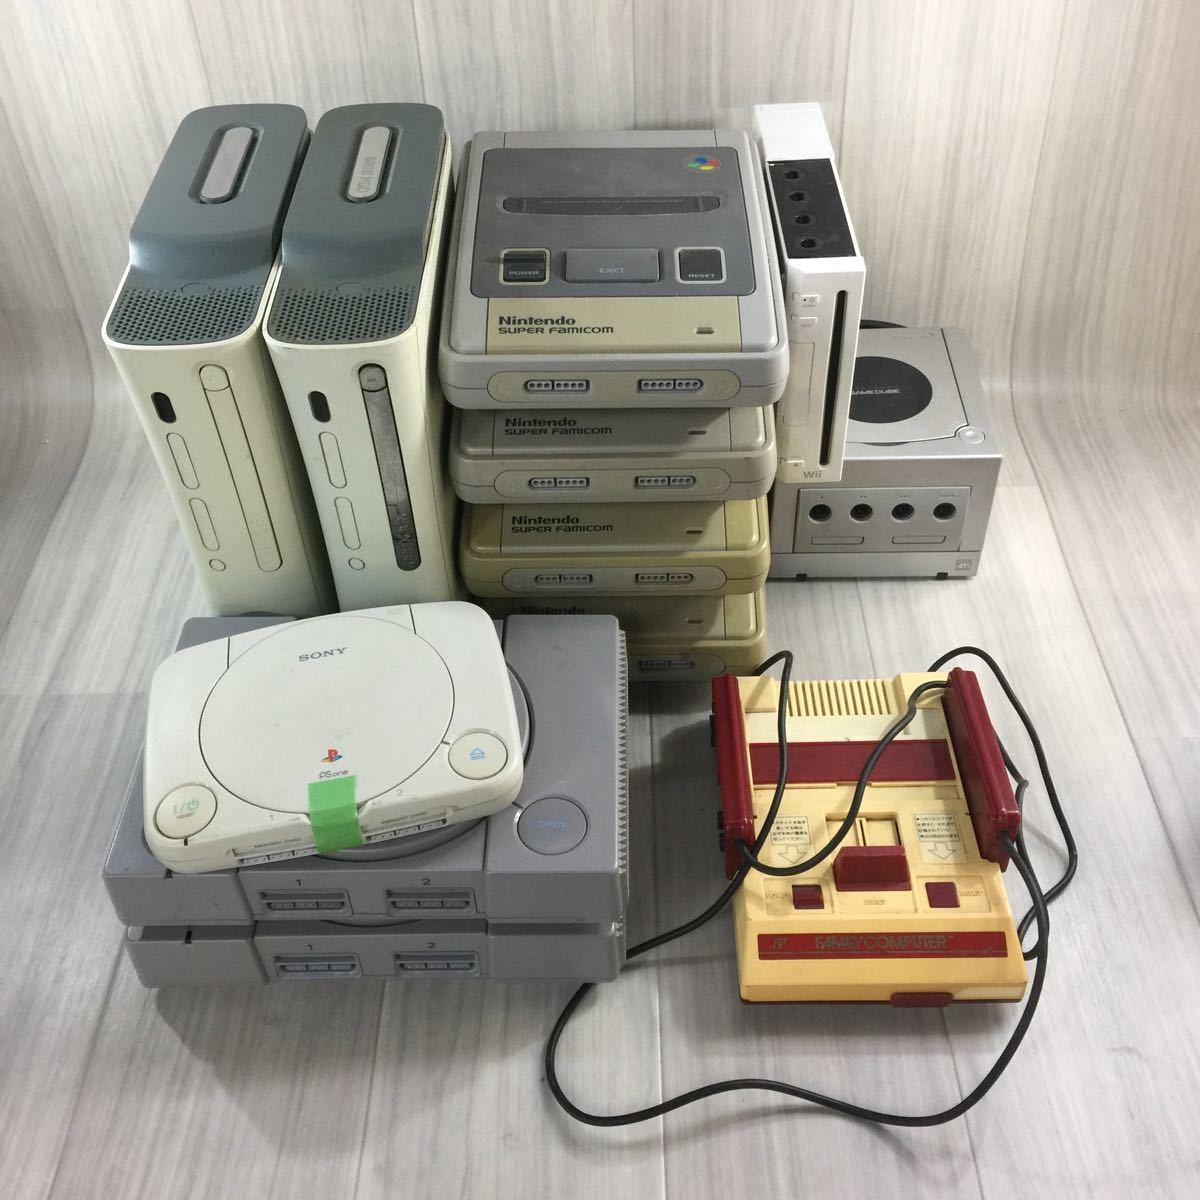 ゲーム機本体 まとめ売り xbox 2台/スーパーファミコン4台/PS one 1台/プレイステーション2台/ゲームキューブ1台/ファミコン 1台